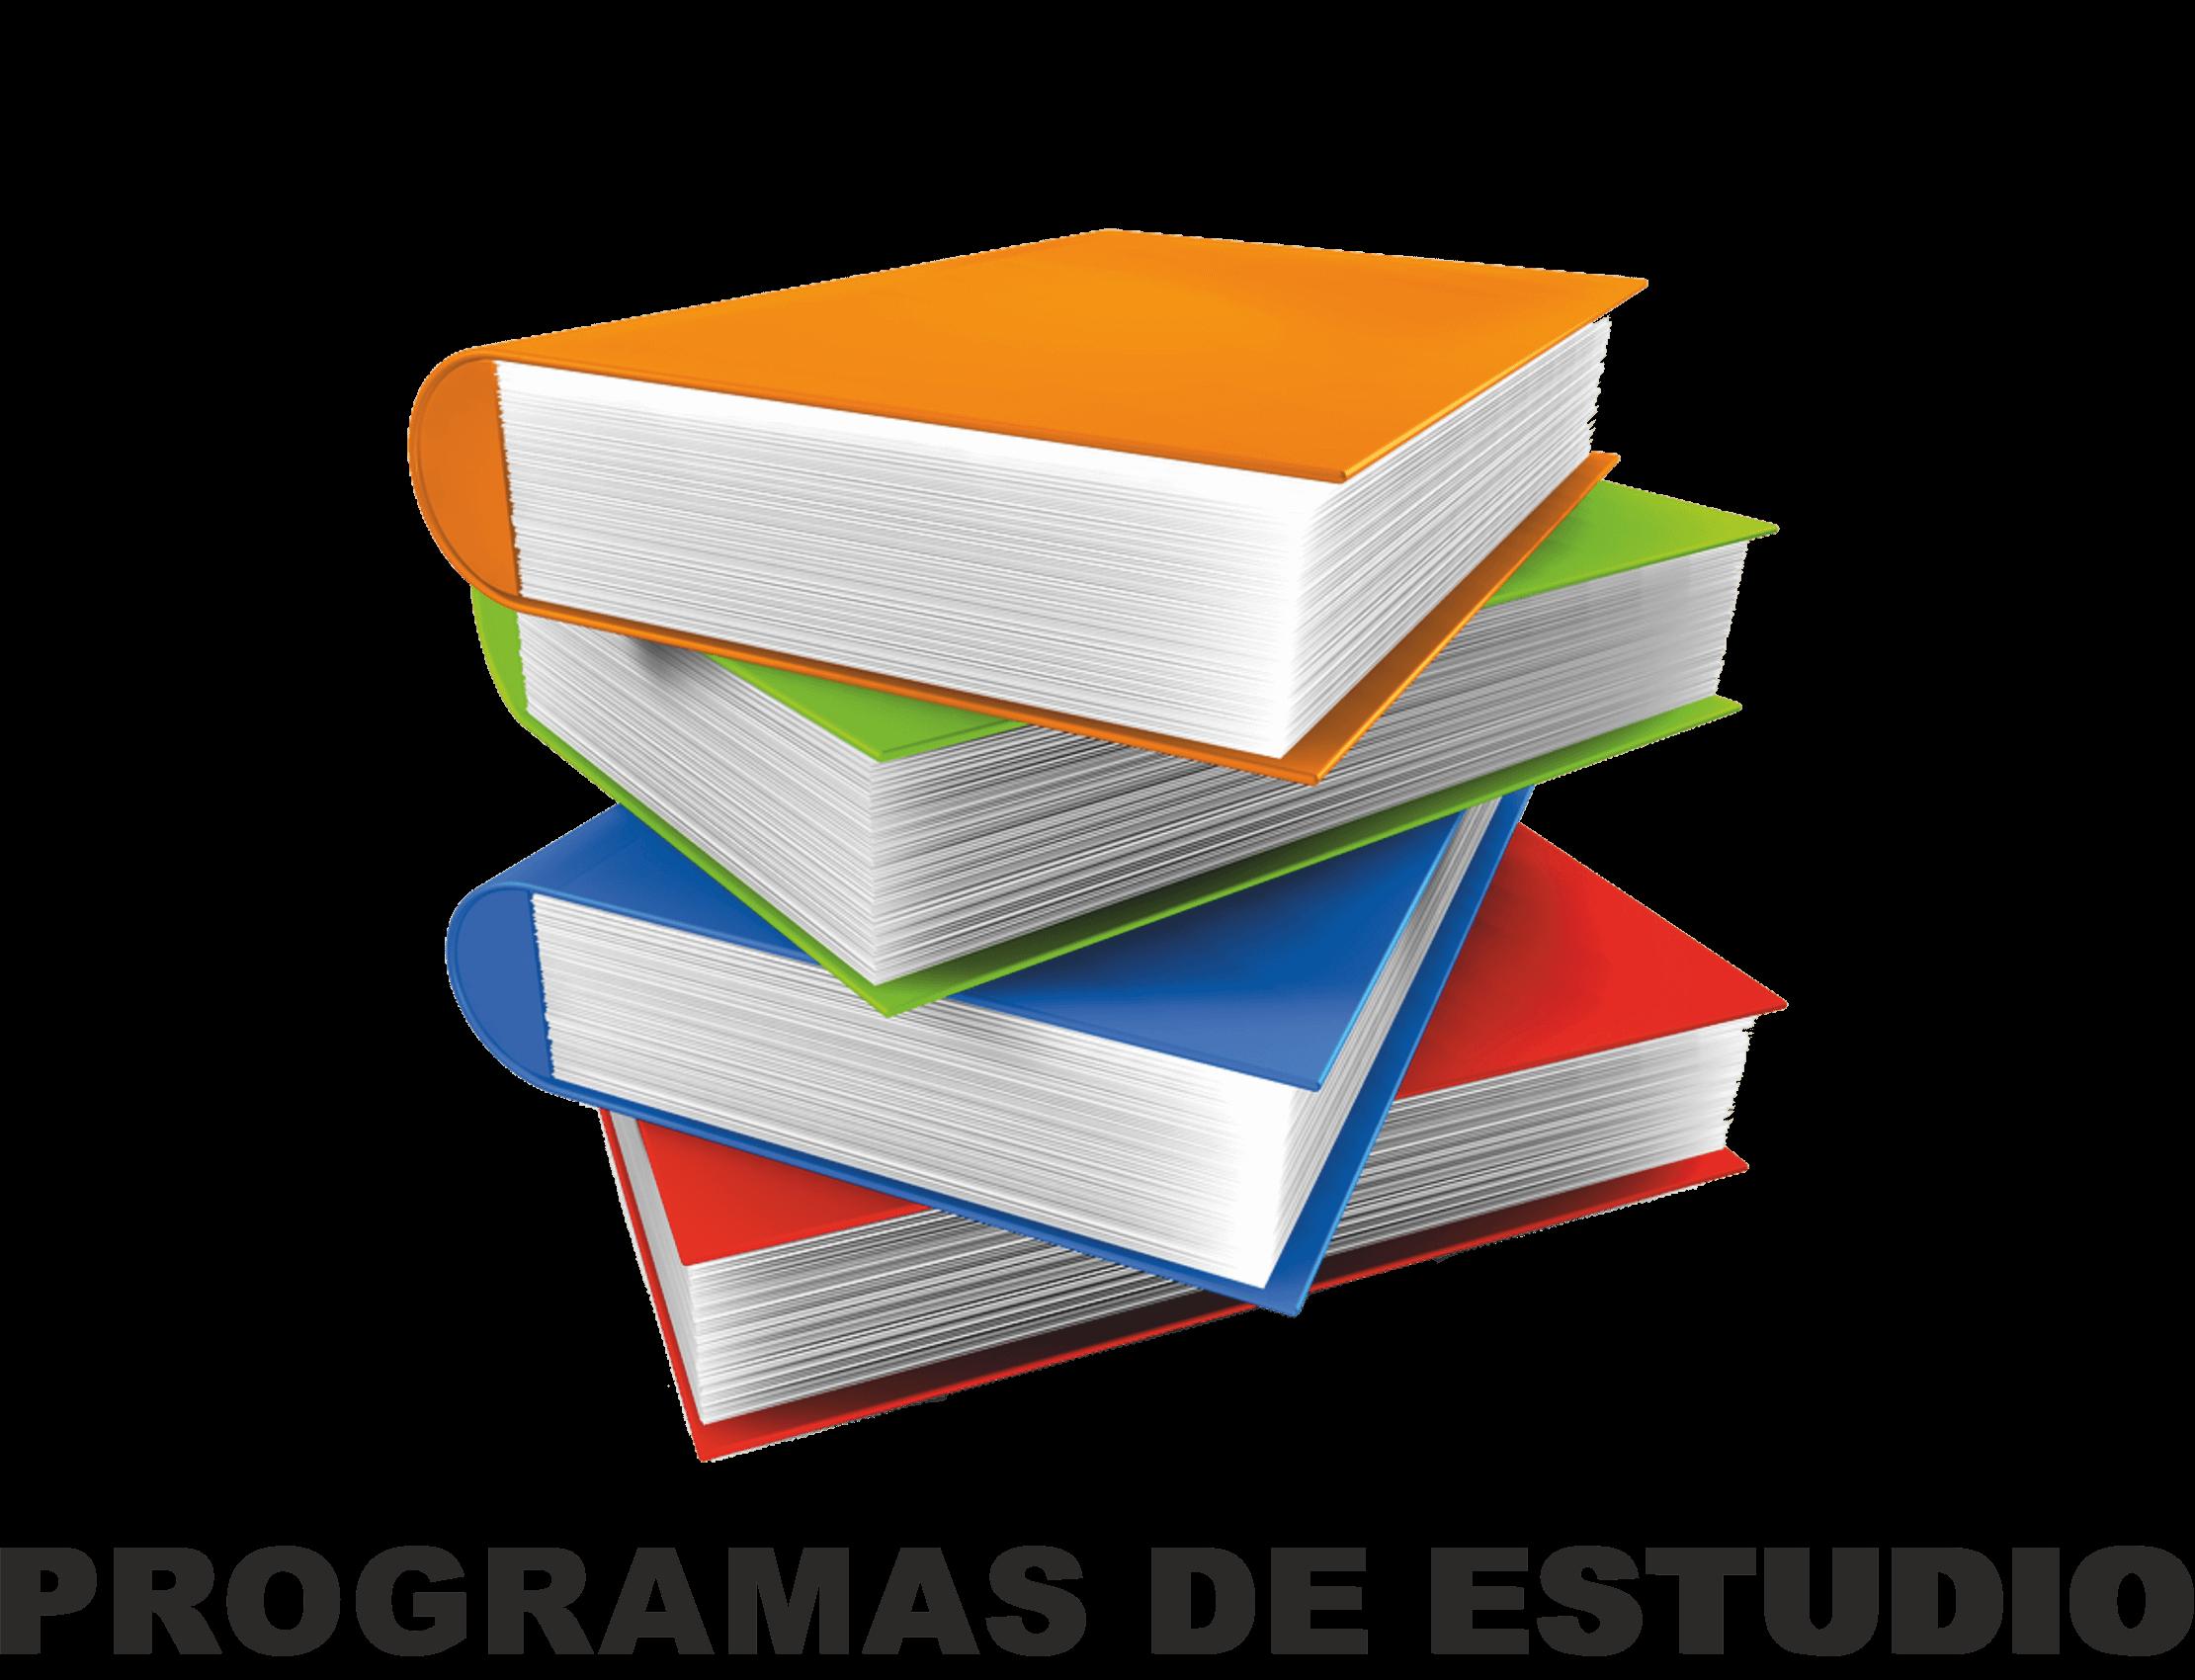 The Plan Collection Programas De Estudio Programas De Estudio Apexwallpapers